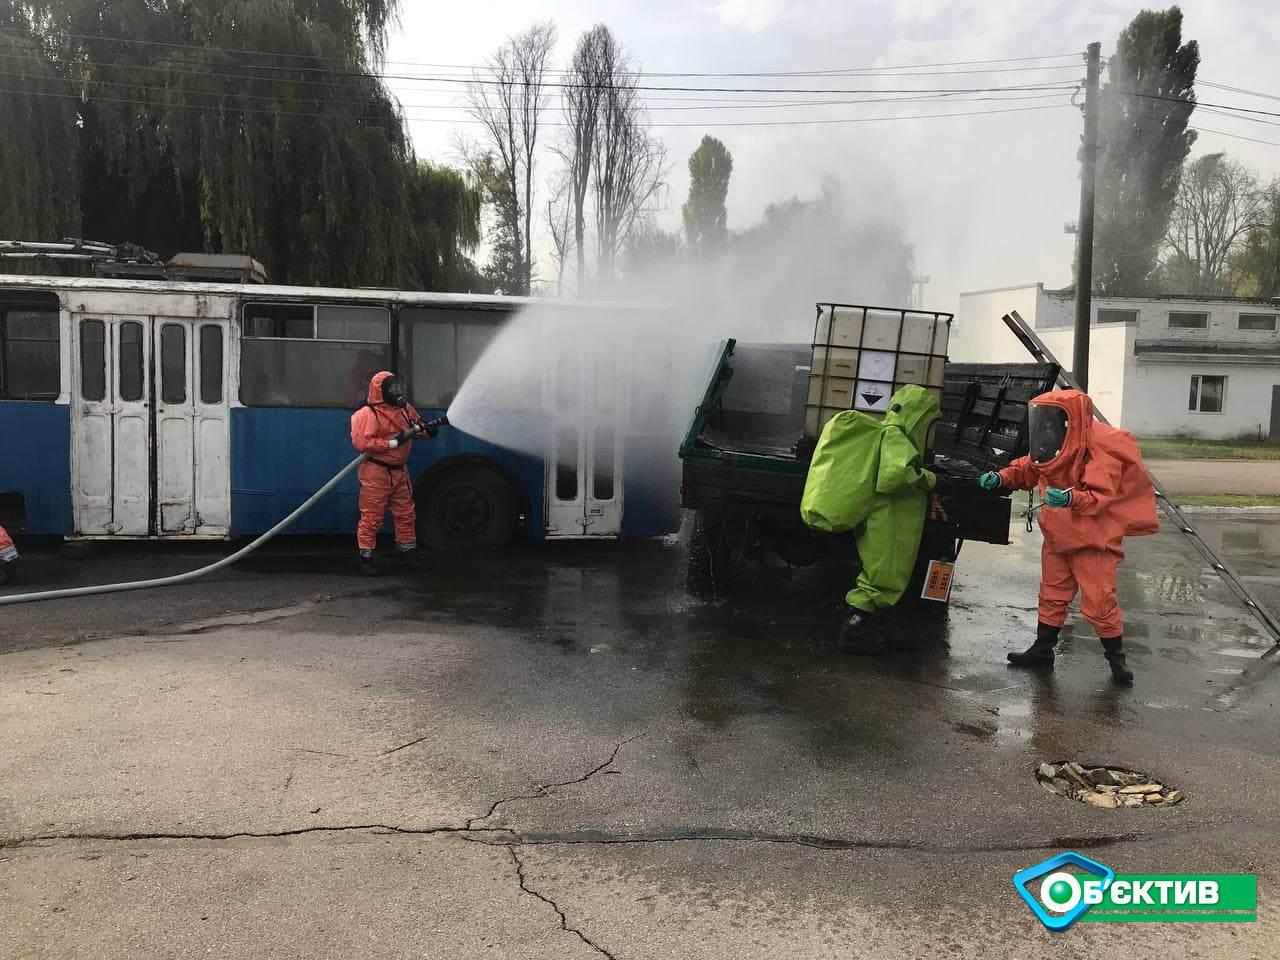 В Харькове спасателей учили реагировать на инциденты с химическим веществами